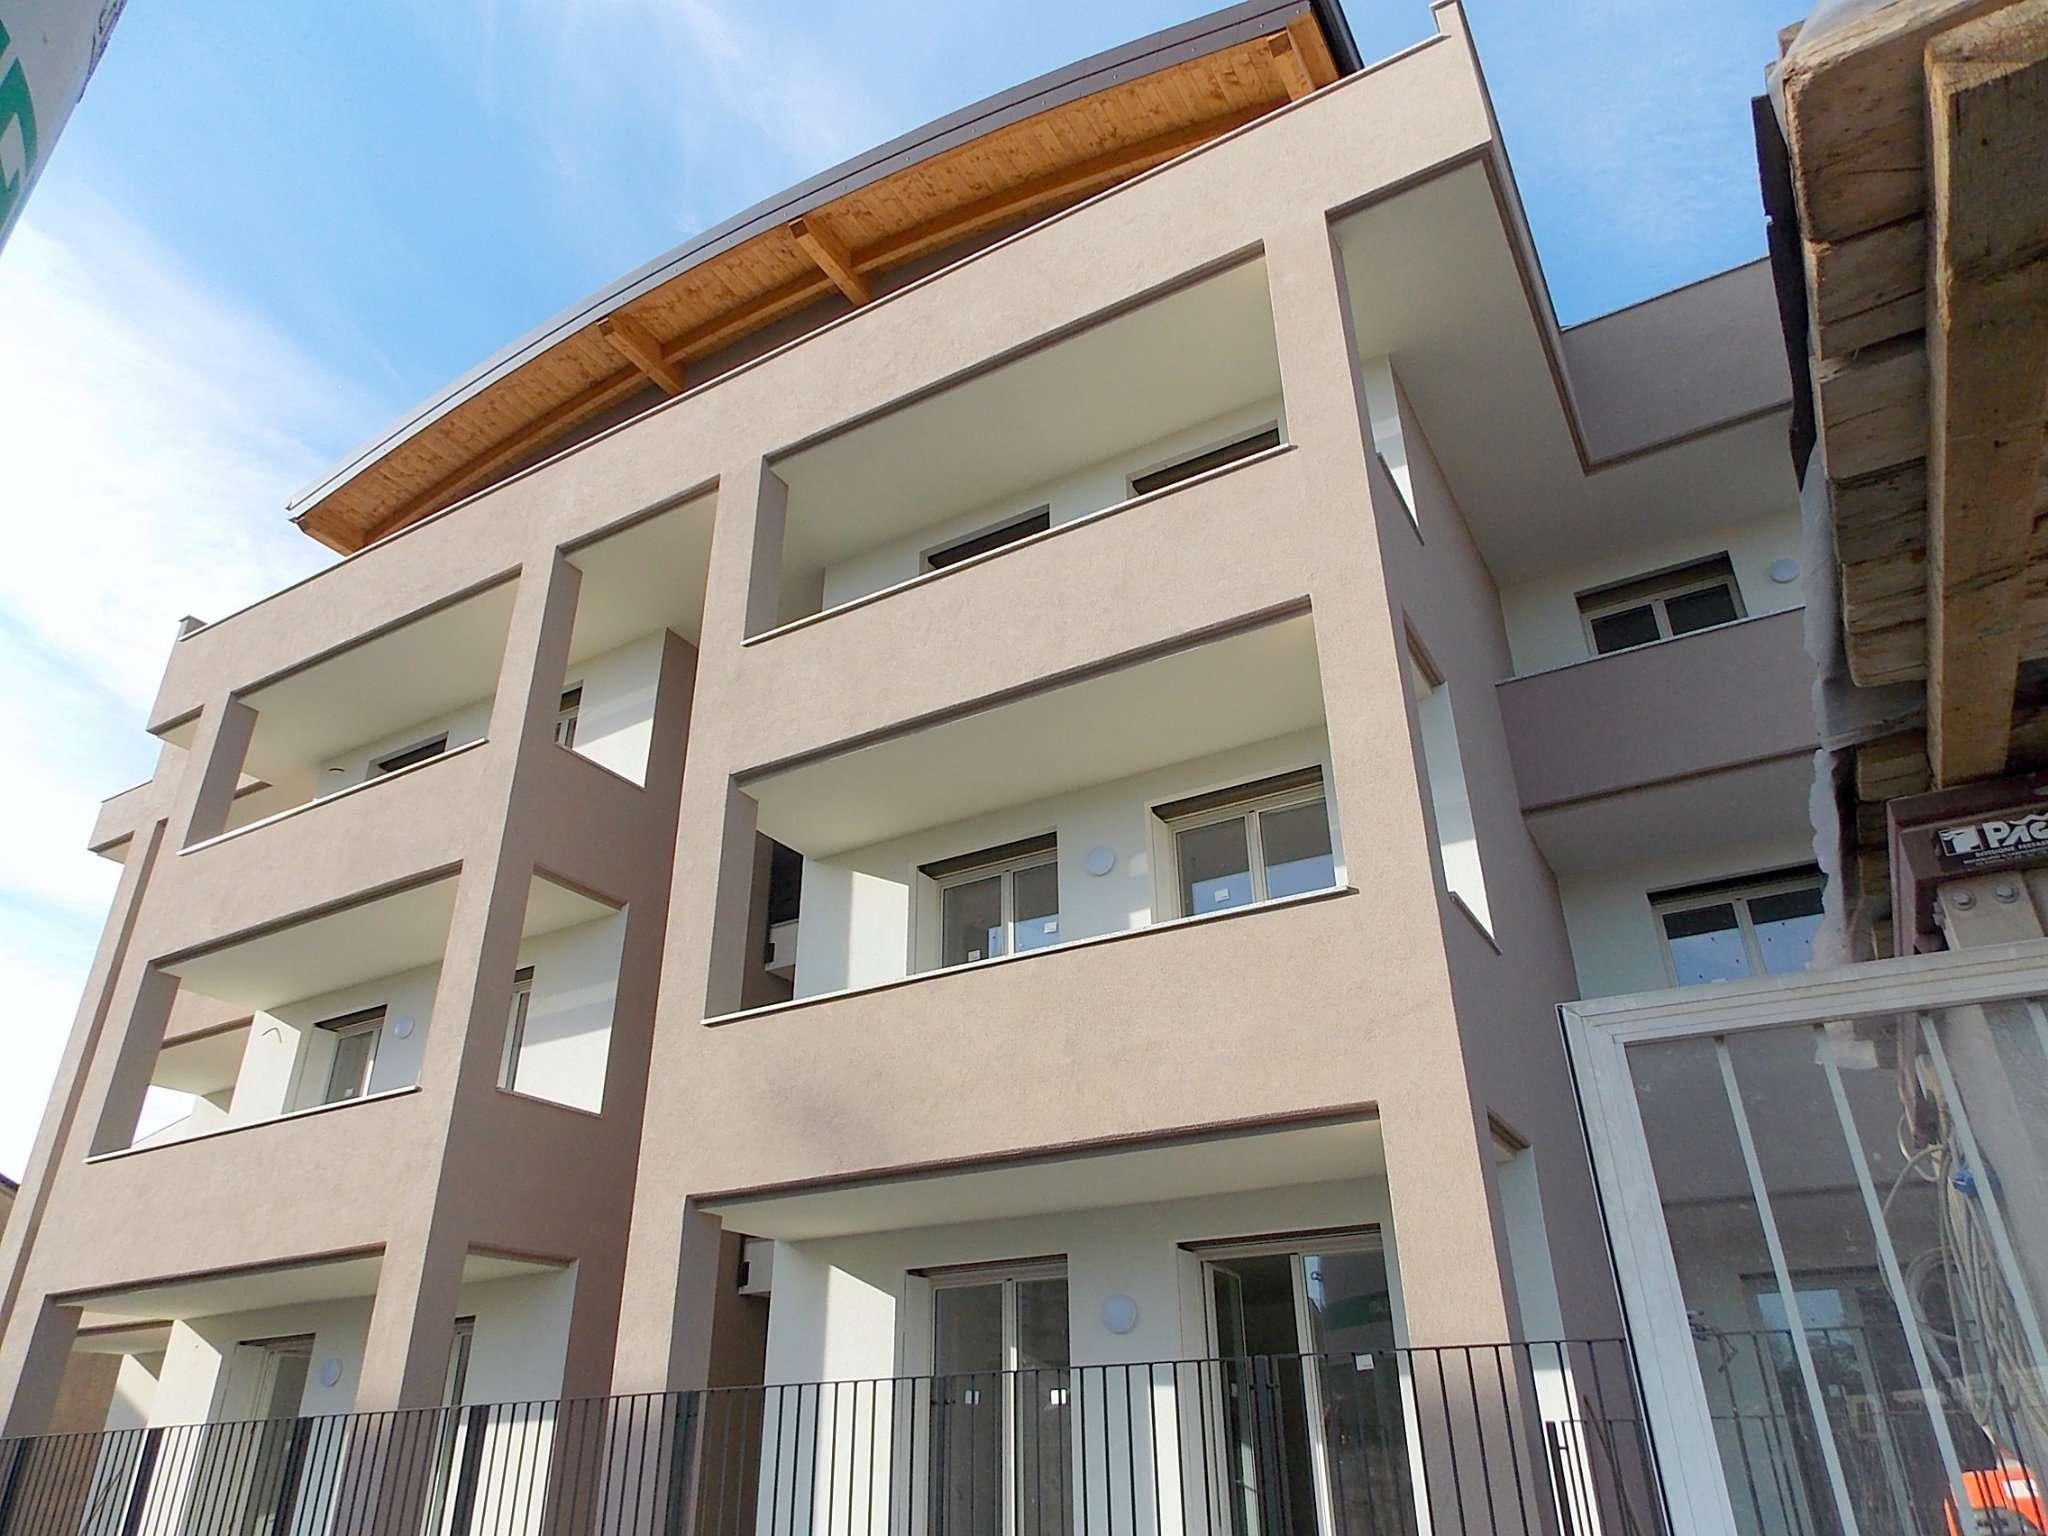 Appartamento in vendita a Lissone, 3 locali, prezzo € 255.000 | PortaleAgenzieImmobiliari.it